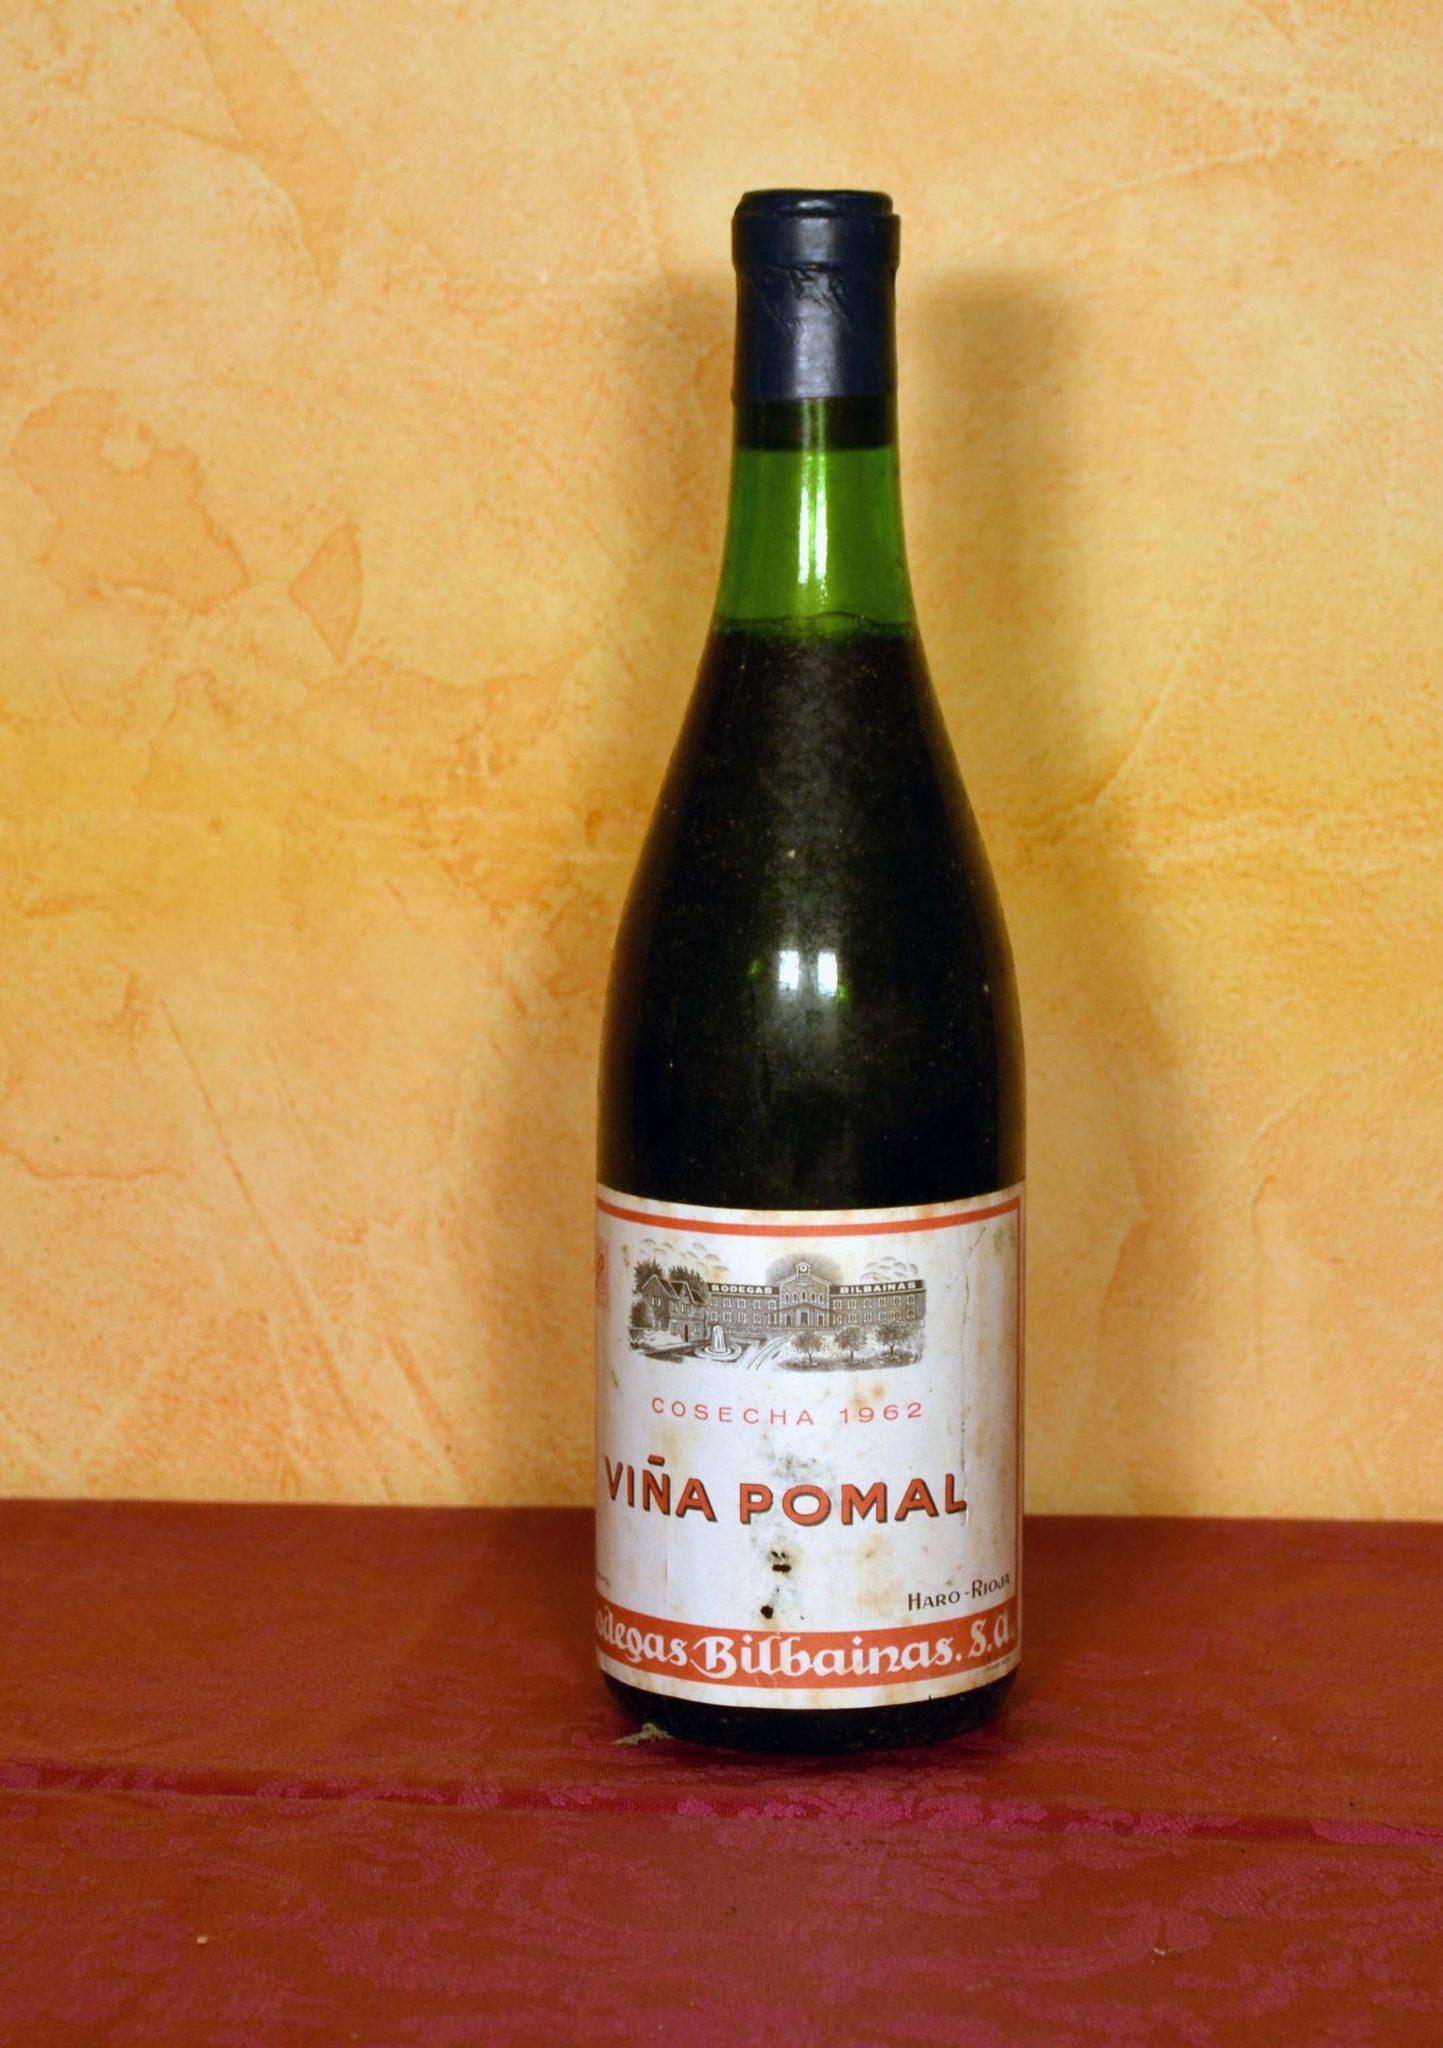 Viña Pomal 1962